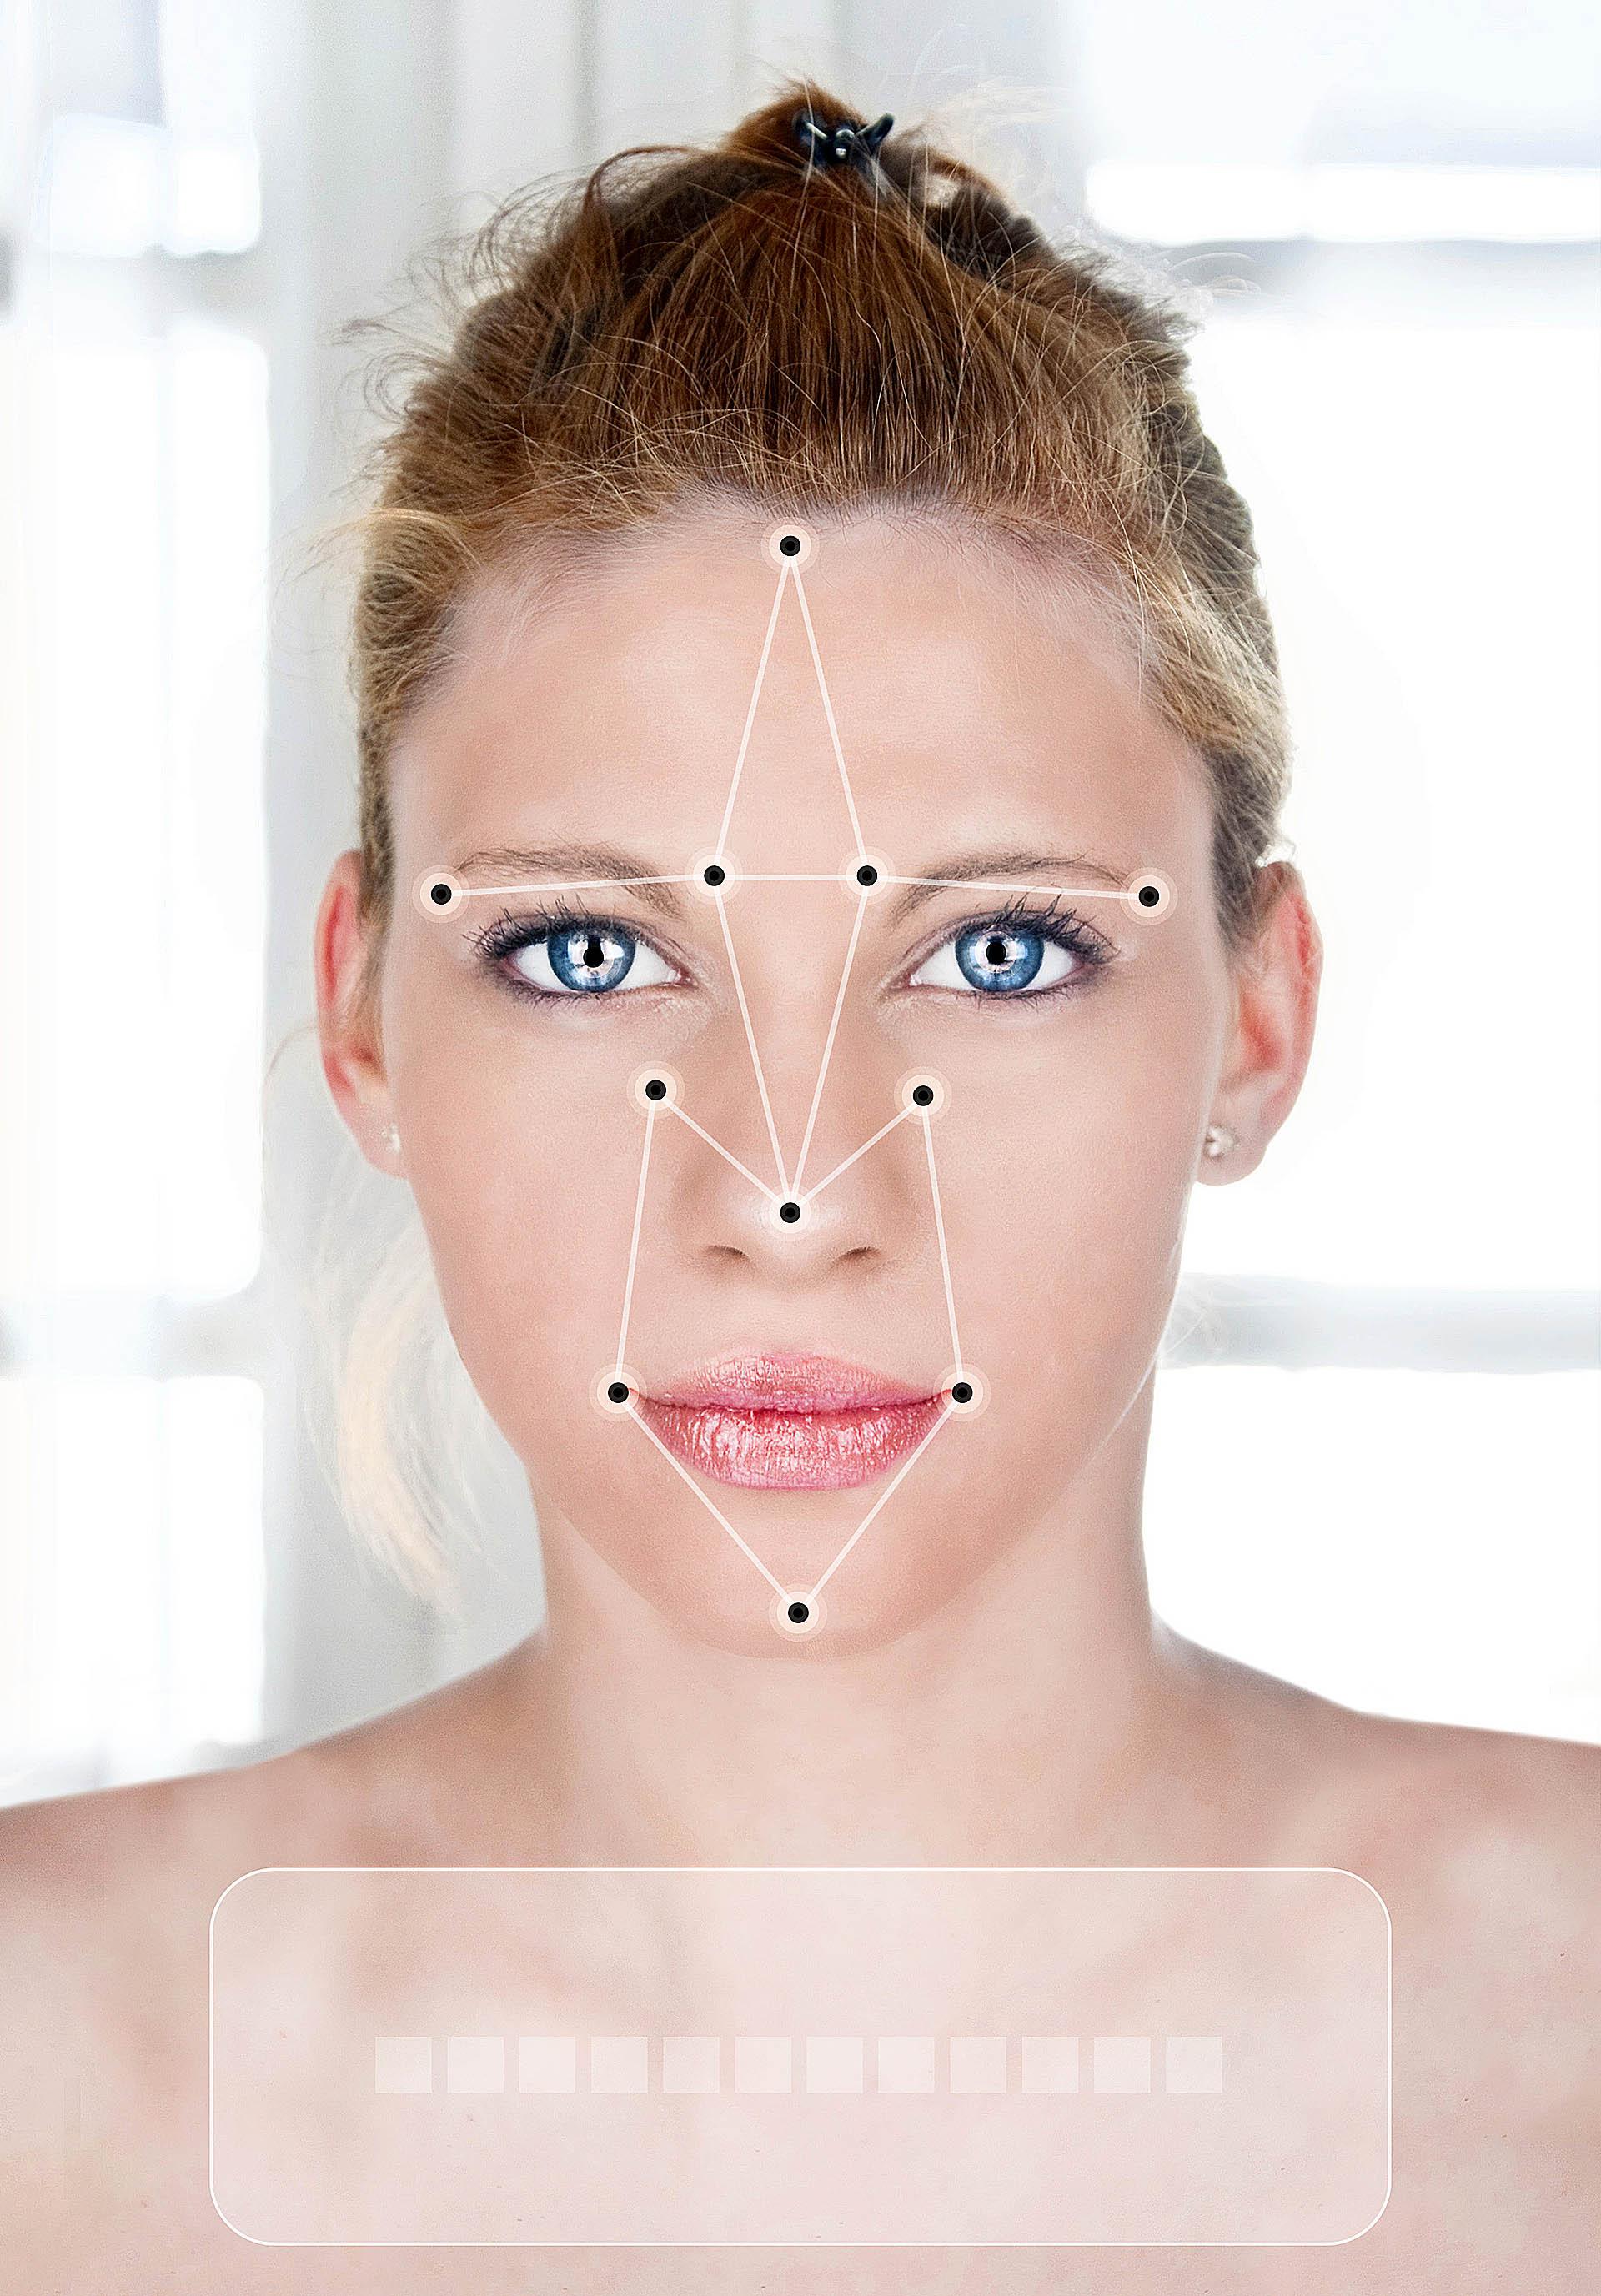 En varias ciudades del mundo se están haciendo pruebas piloto para identificar a las personas por la calle mediante sistemas de reconocimiento facial (iStock)